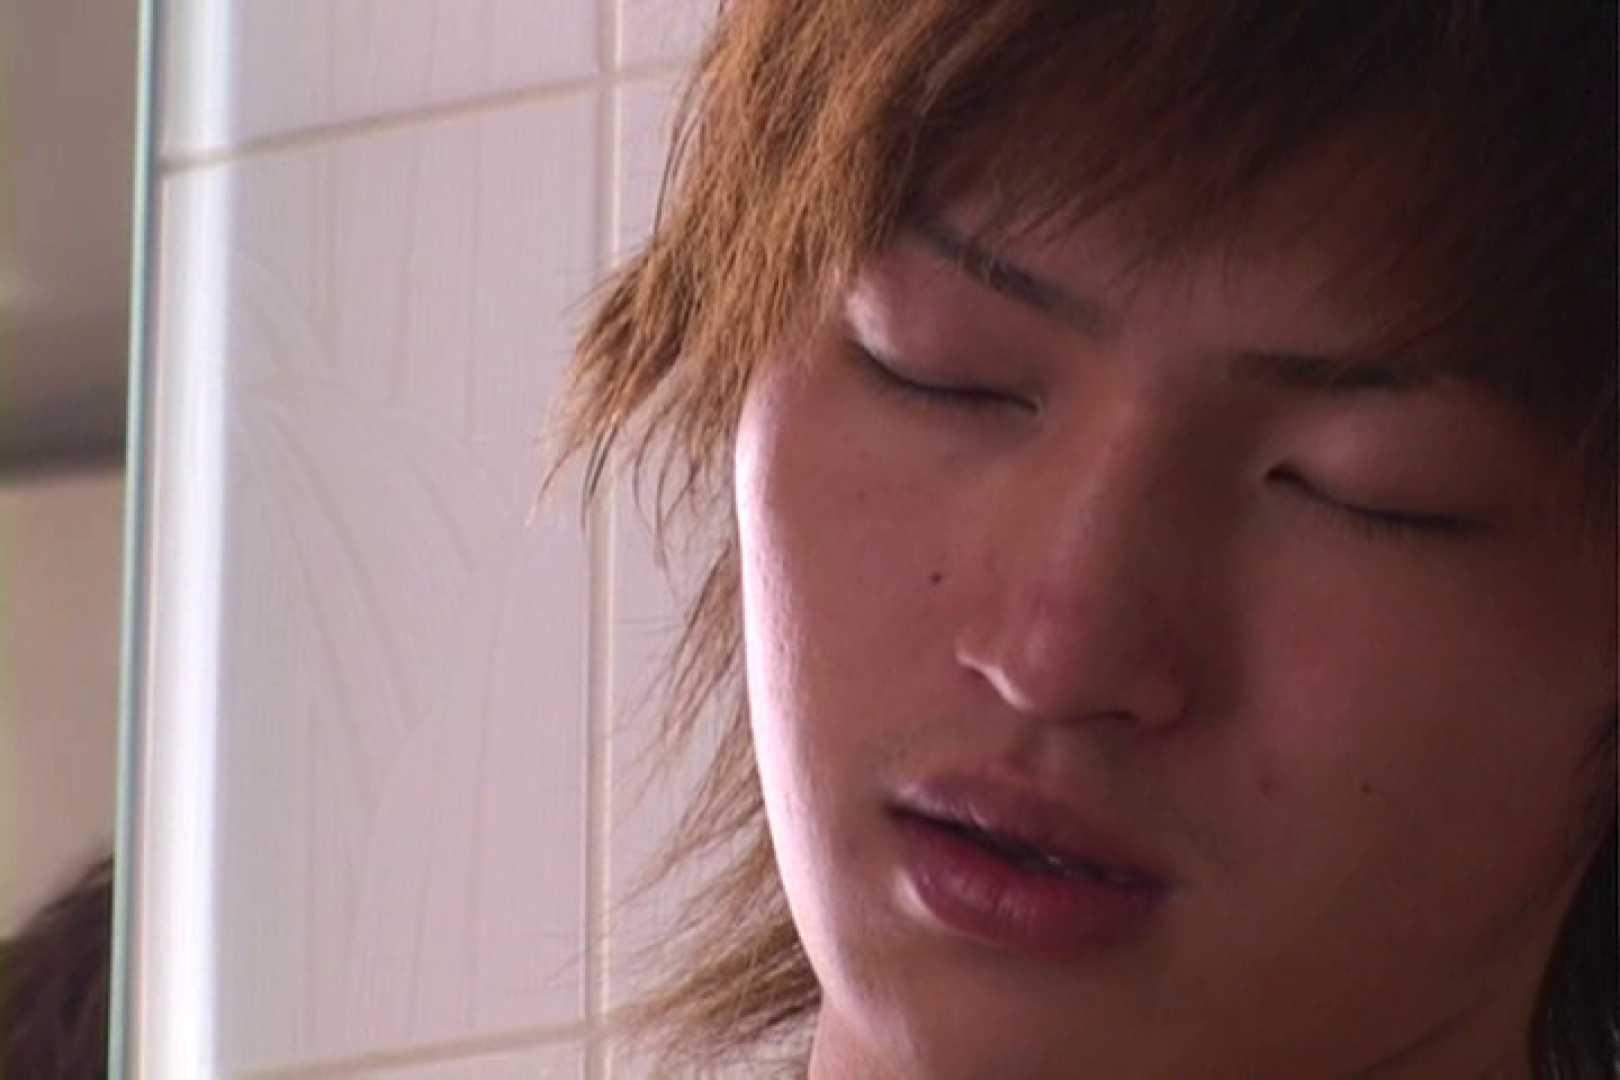 厳選ノンケ!いざ新世界へ・・・。Vol.01 スリム美少年系ジャニ系 ゲイエロ動画 108連発 5